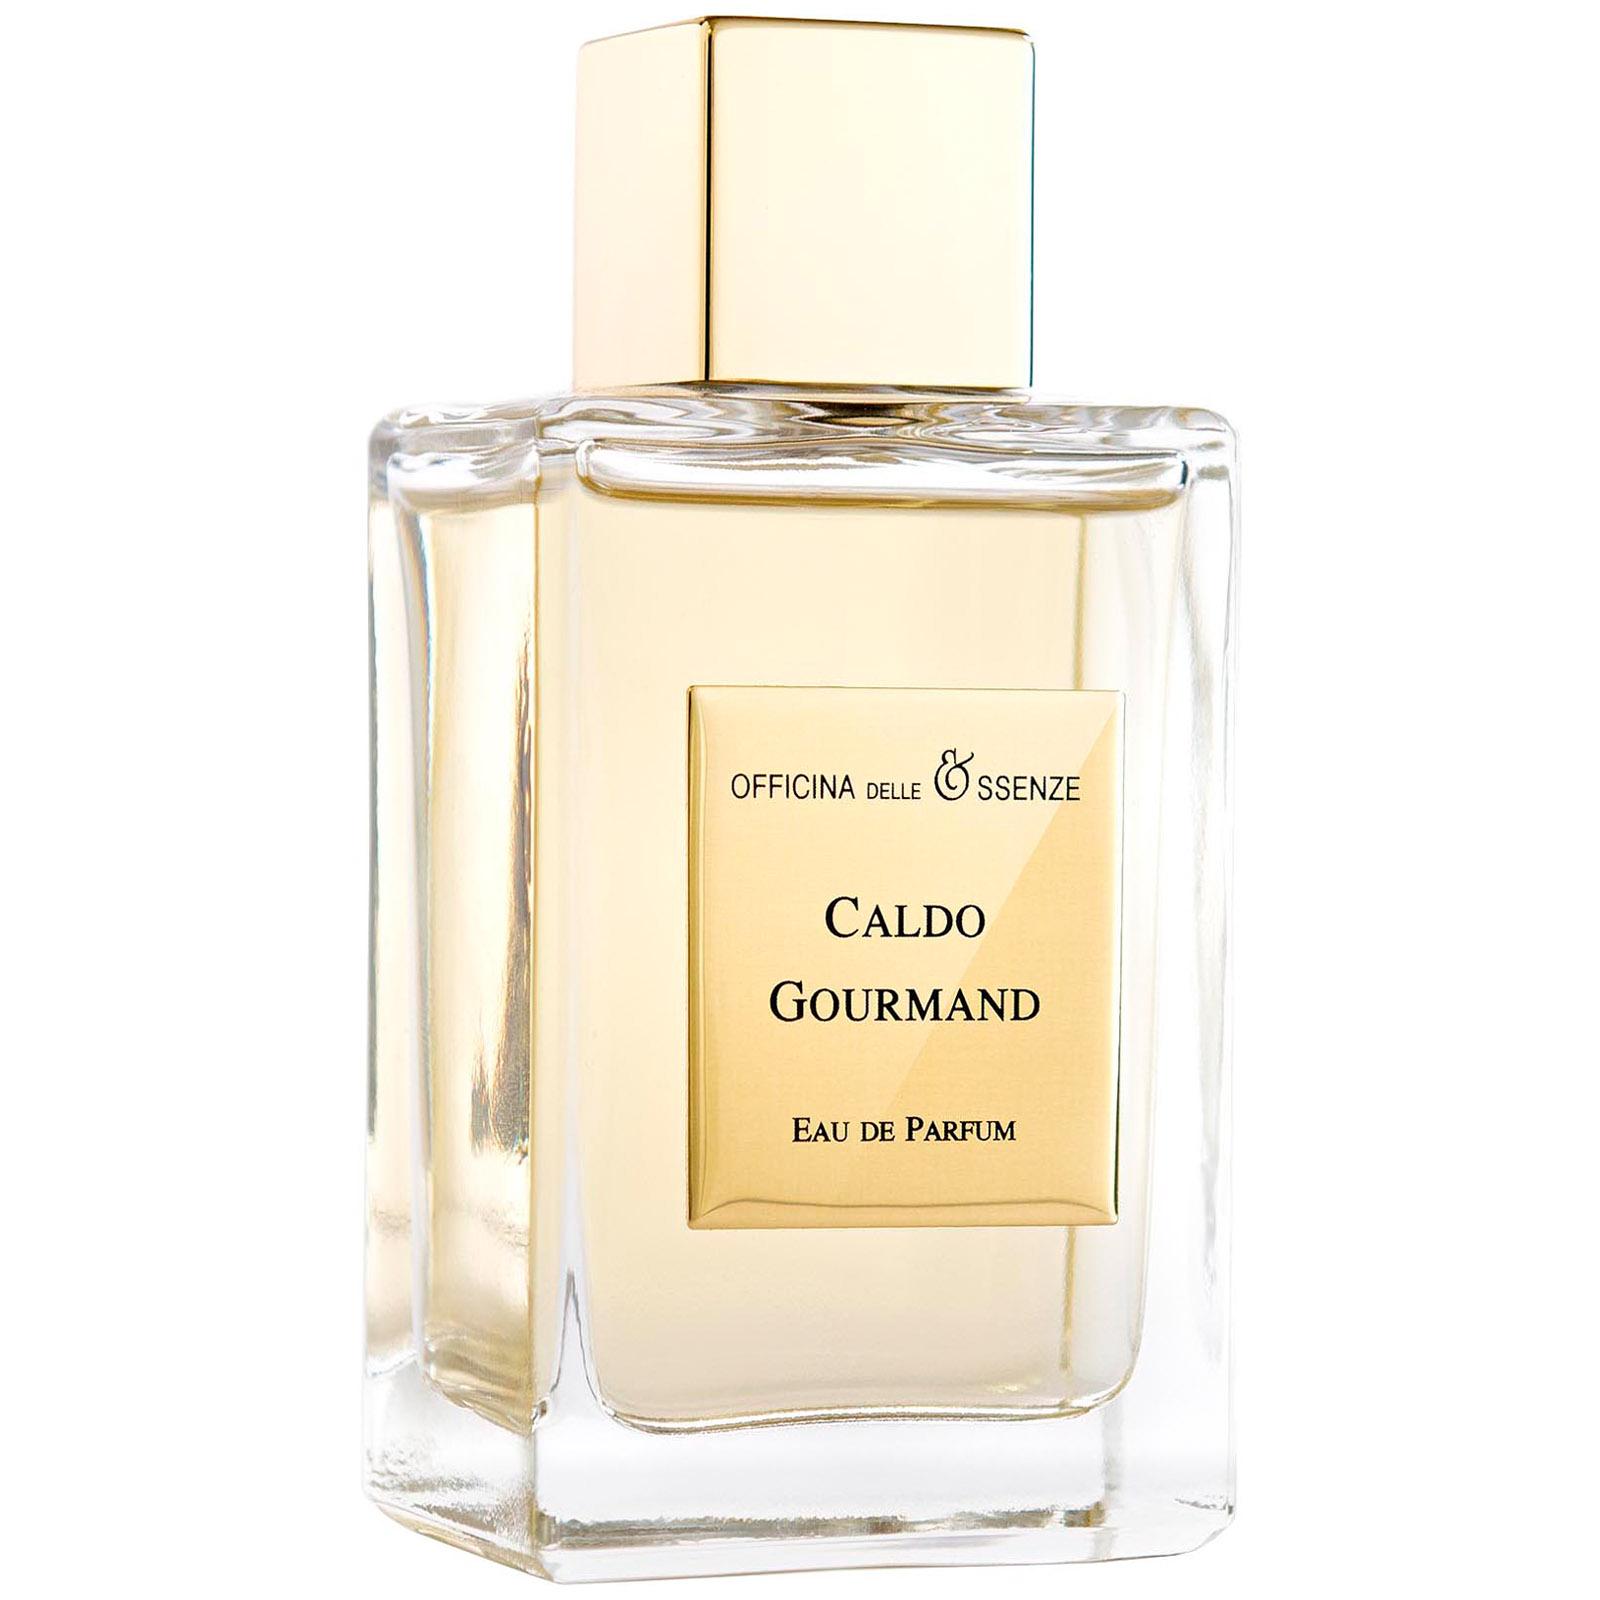 Caldo gourmand profumo eau de parfum 100 ml